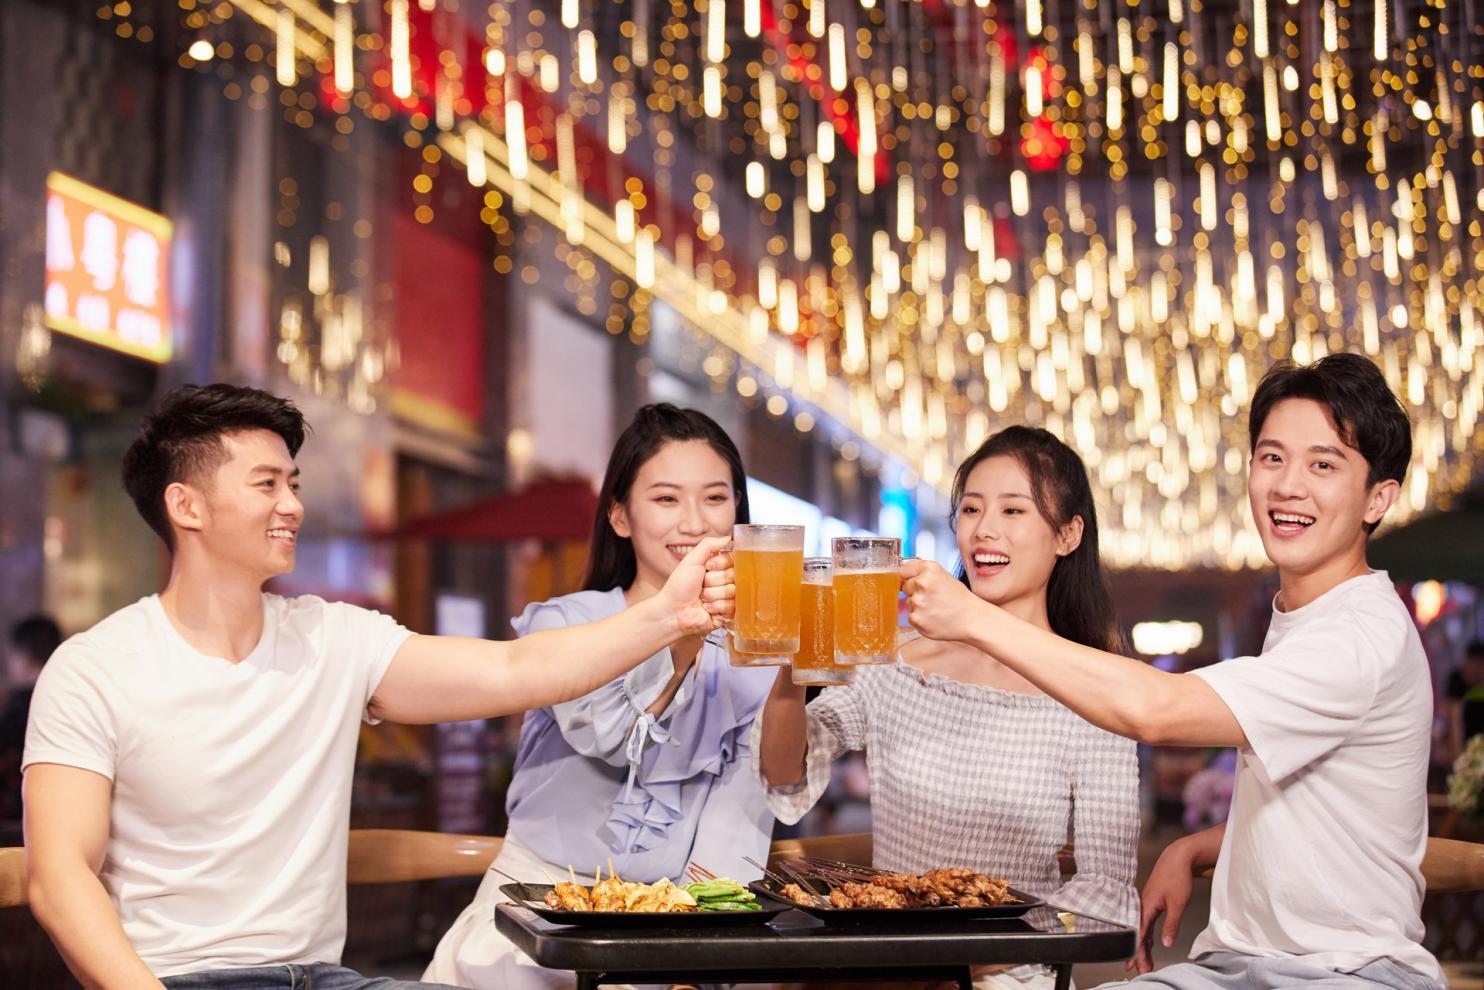 摄图网_501635951_banner_青年朋友聚会吃烧烤喝啤酒(非企业商用)